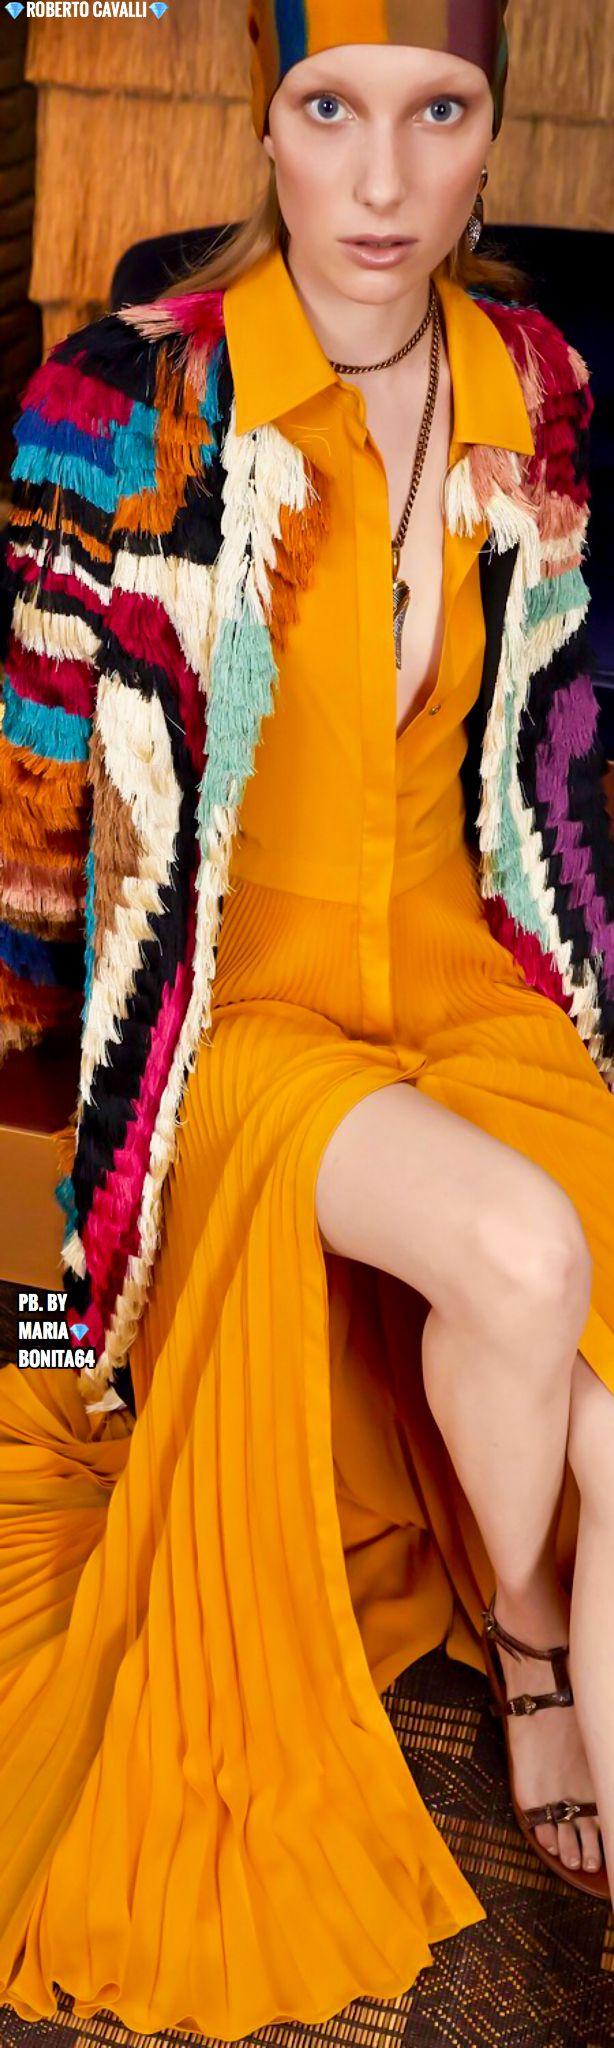 77a548a0a32f98373197341808e47e3a Collection Roberto Cavalli et Just Cavali  : Roberto Cavalli Resort 2020